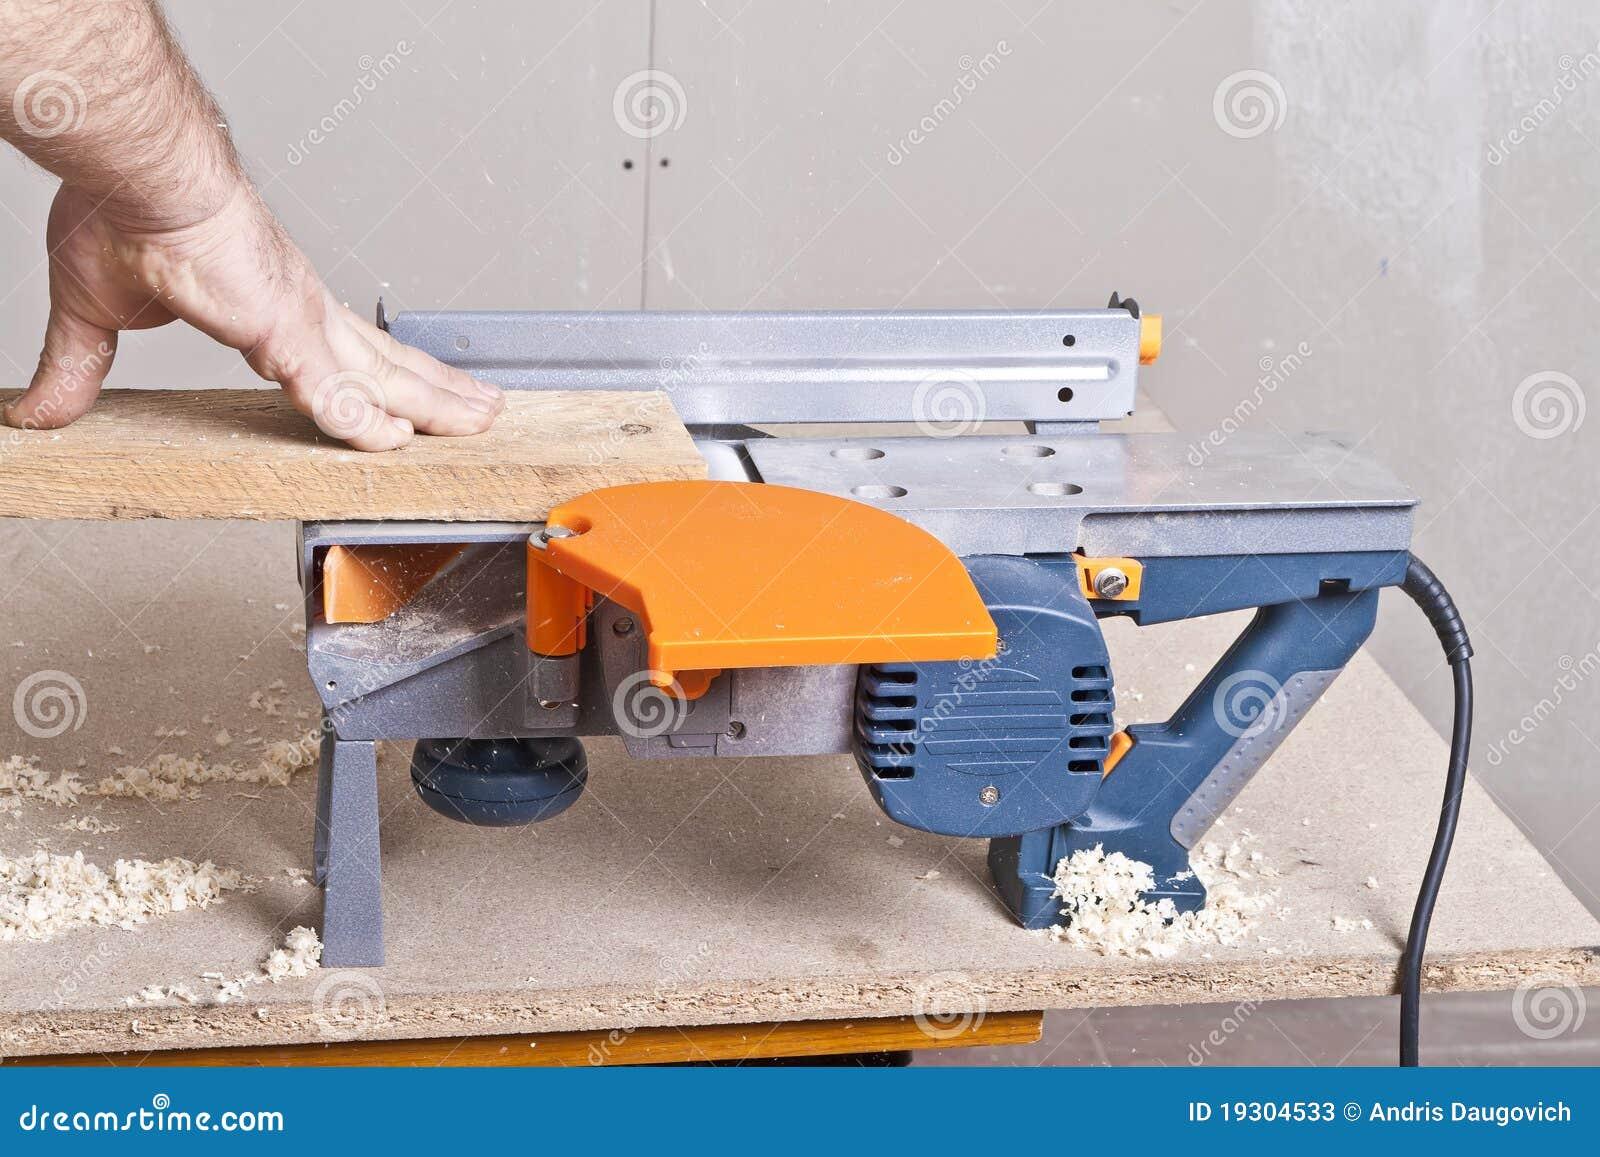 trim carpenter